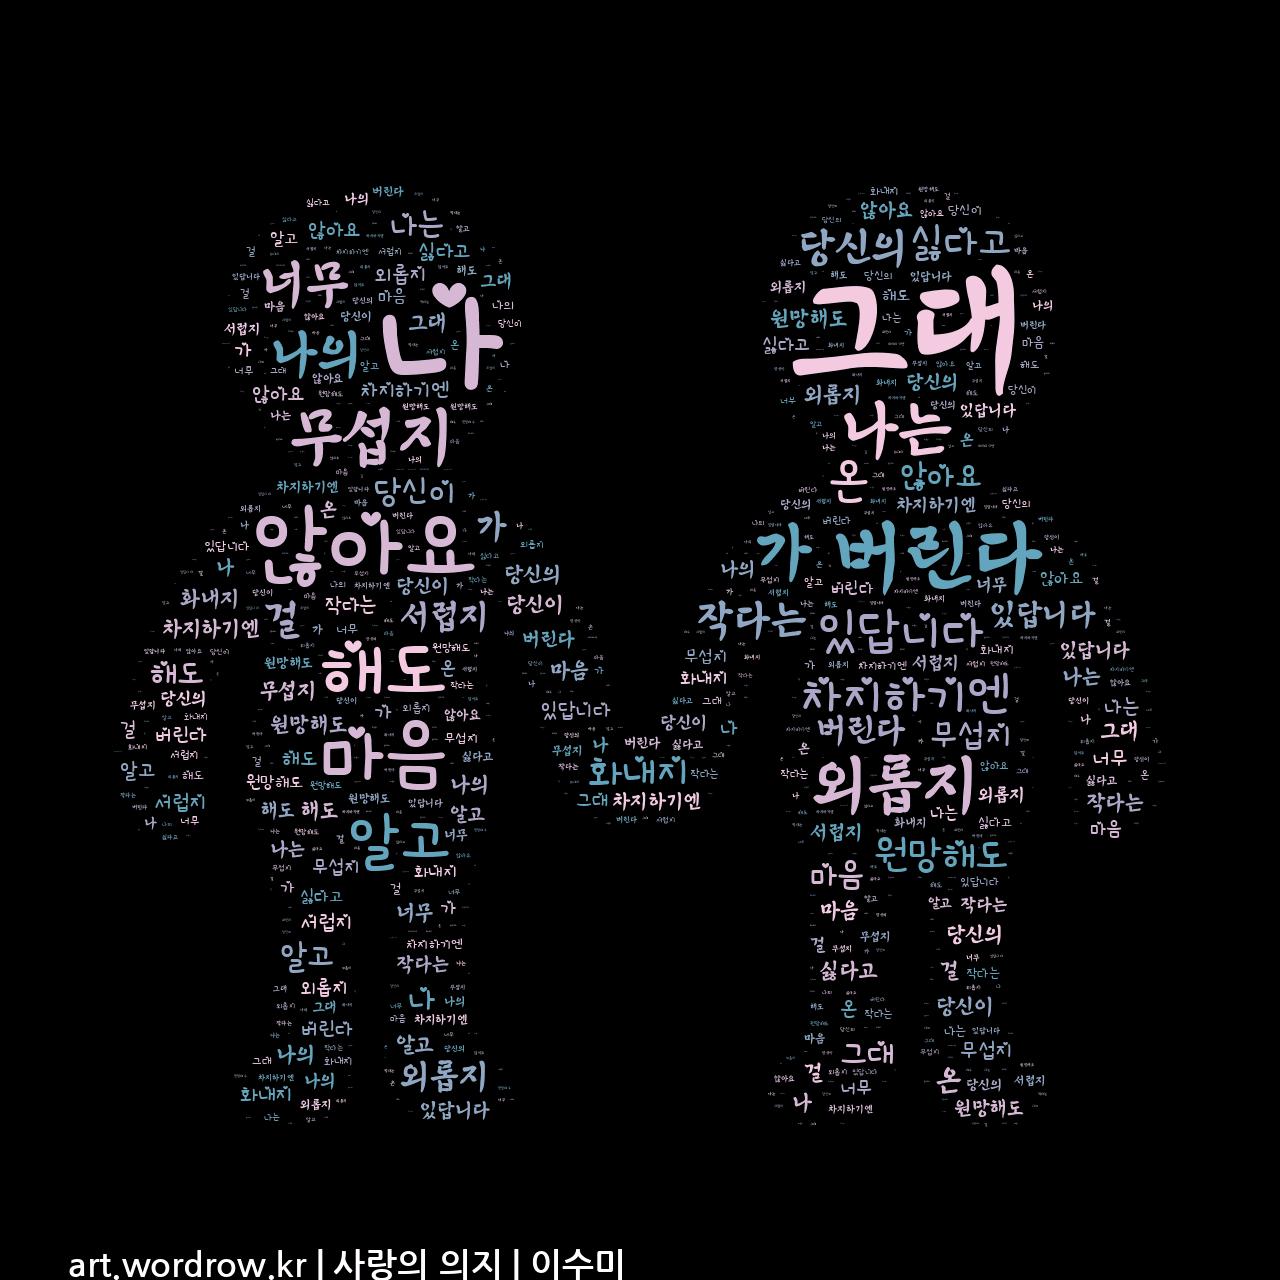 워드 아트: 사랑의 의지 [이수미]-27